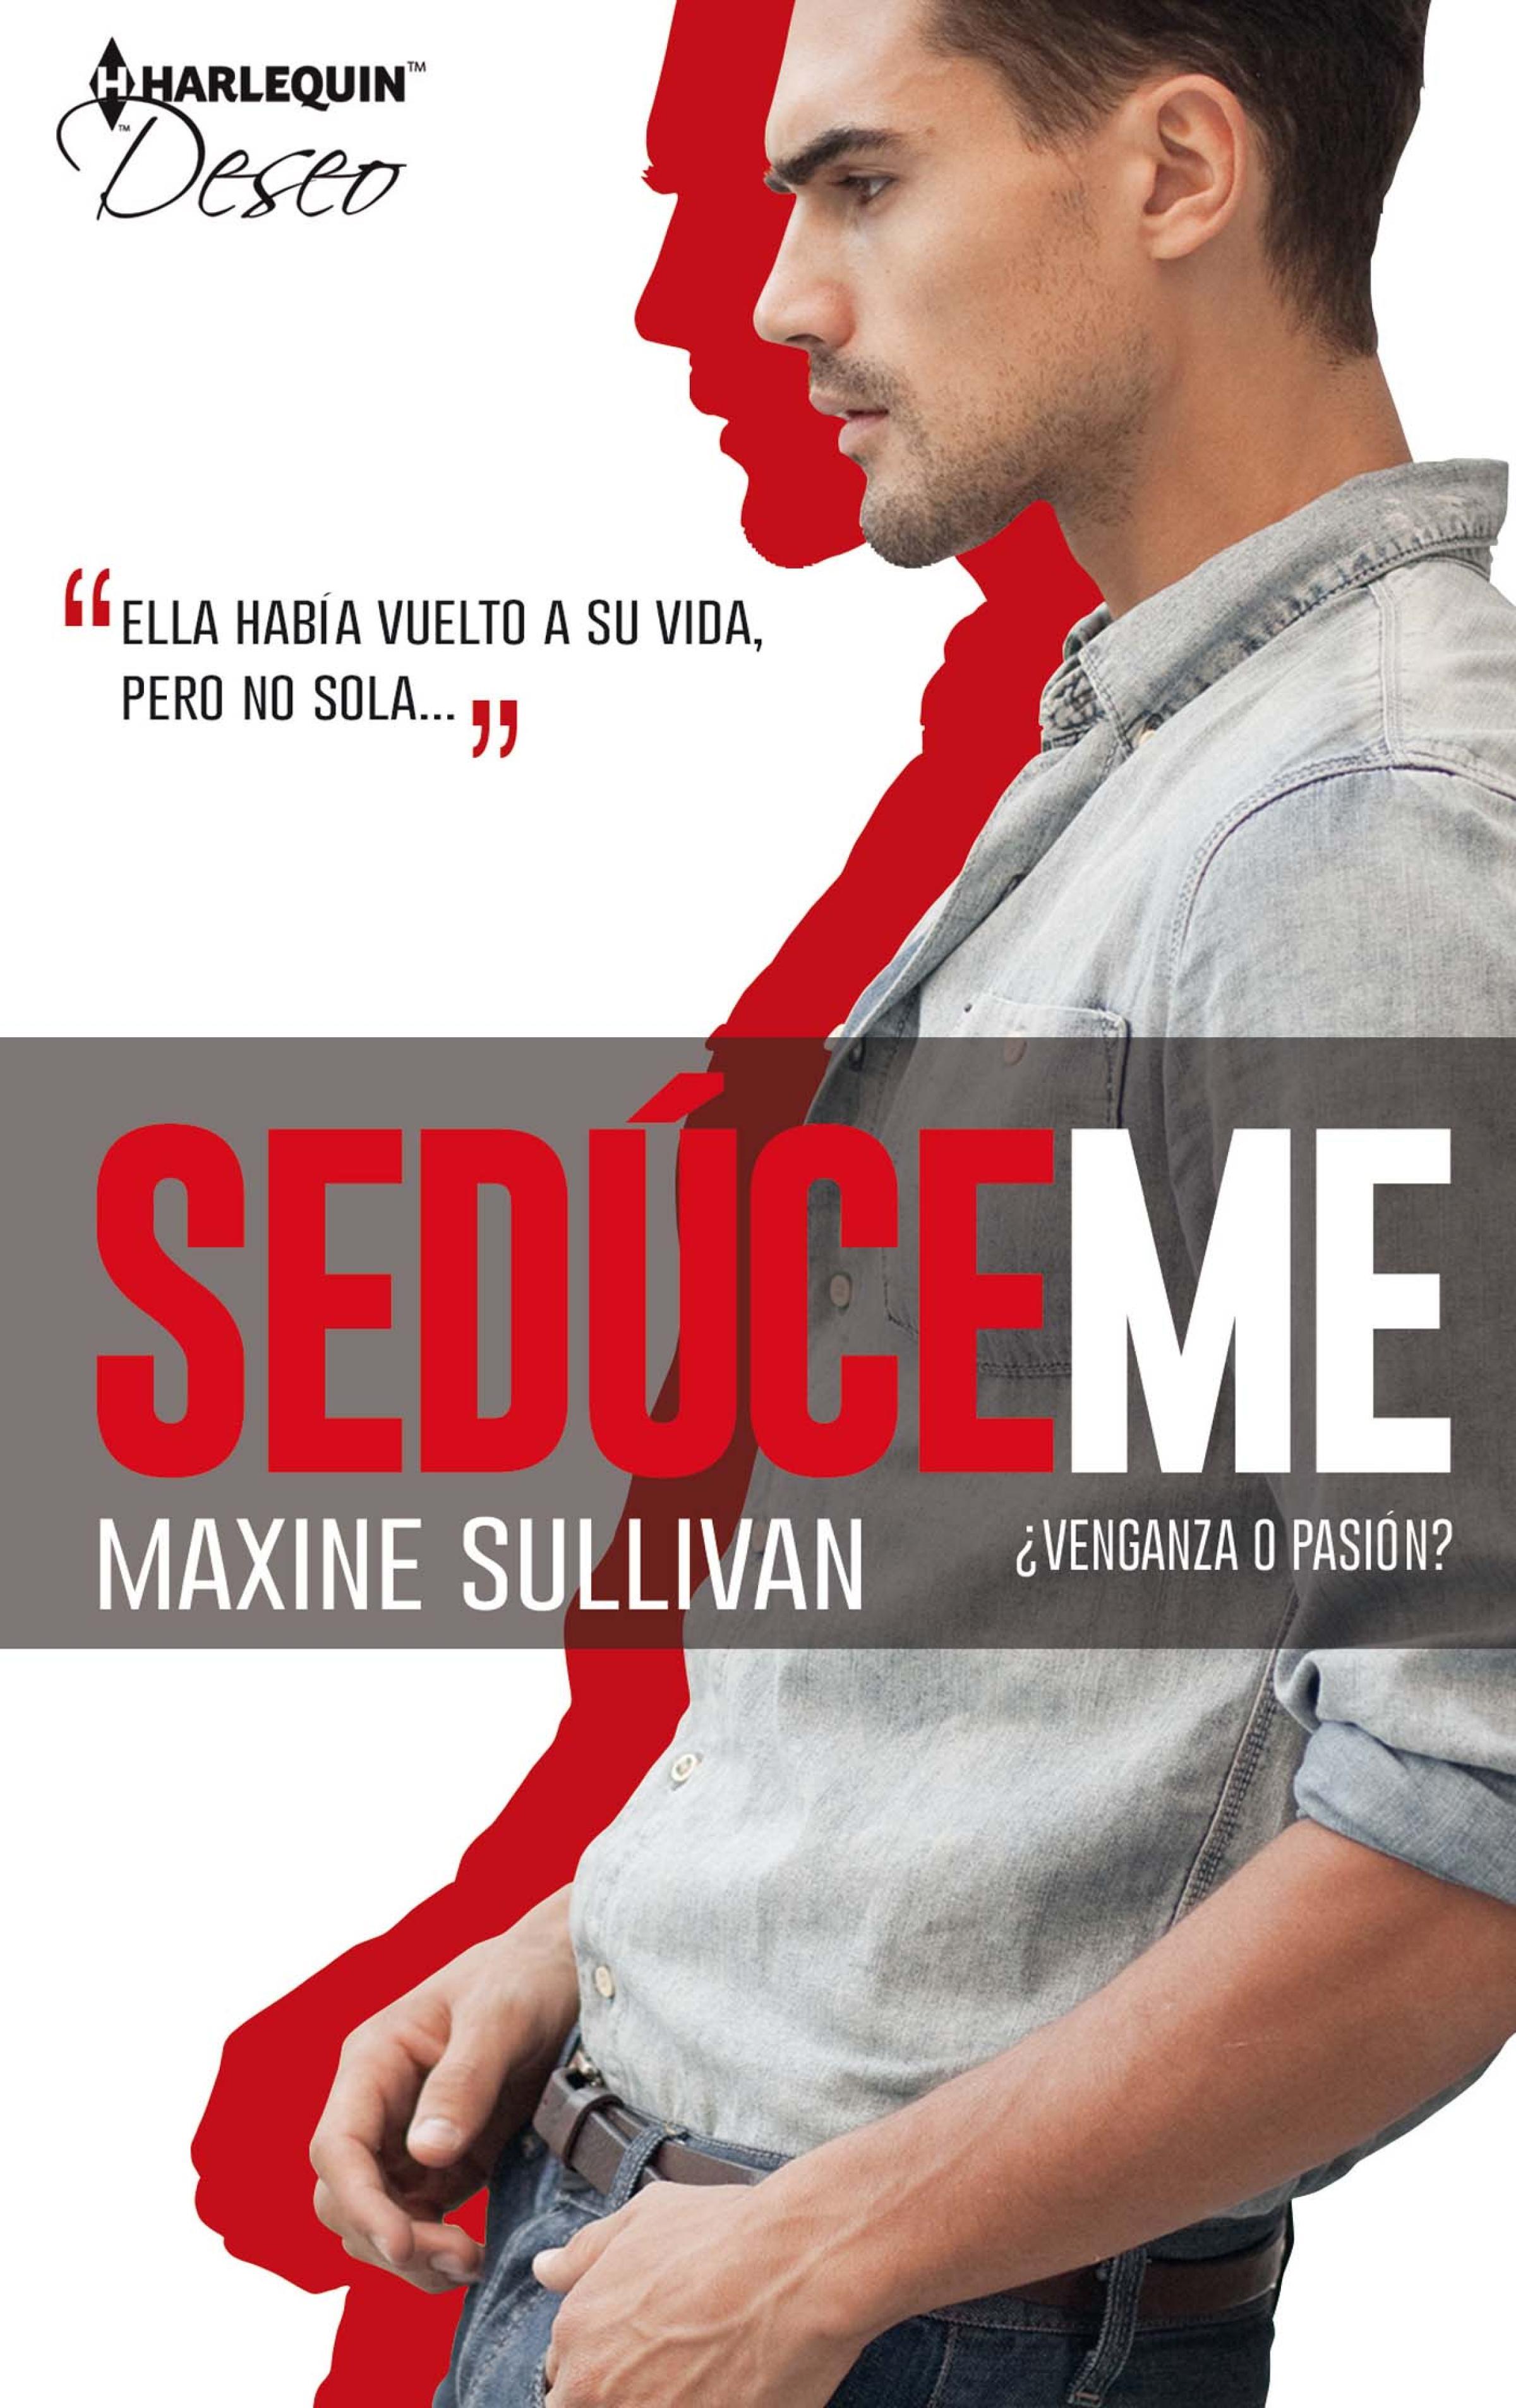 Maxine Sullivan ¿Venganza o pasión? maxine sullivan ¿venganza o pasión